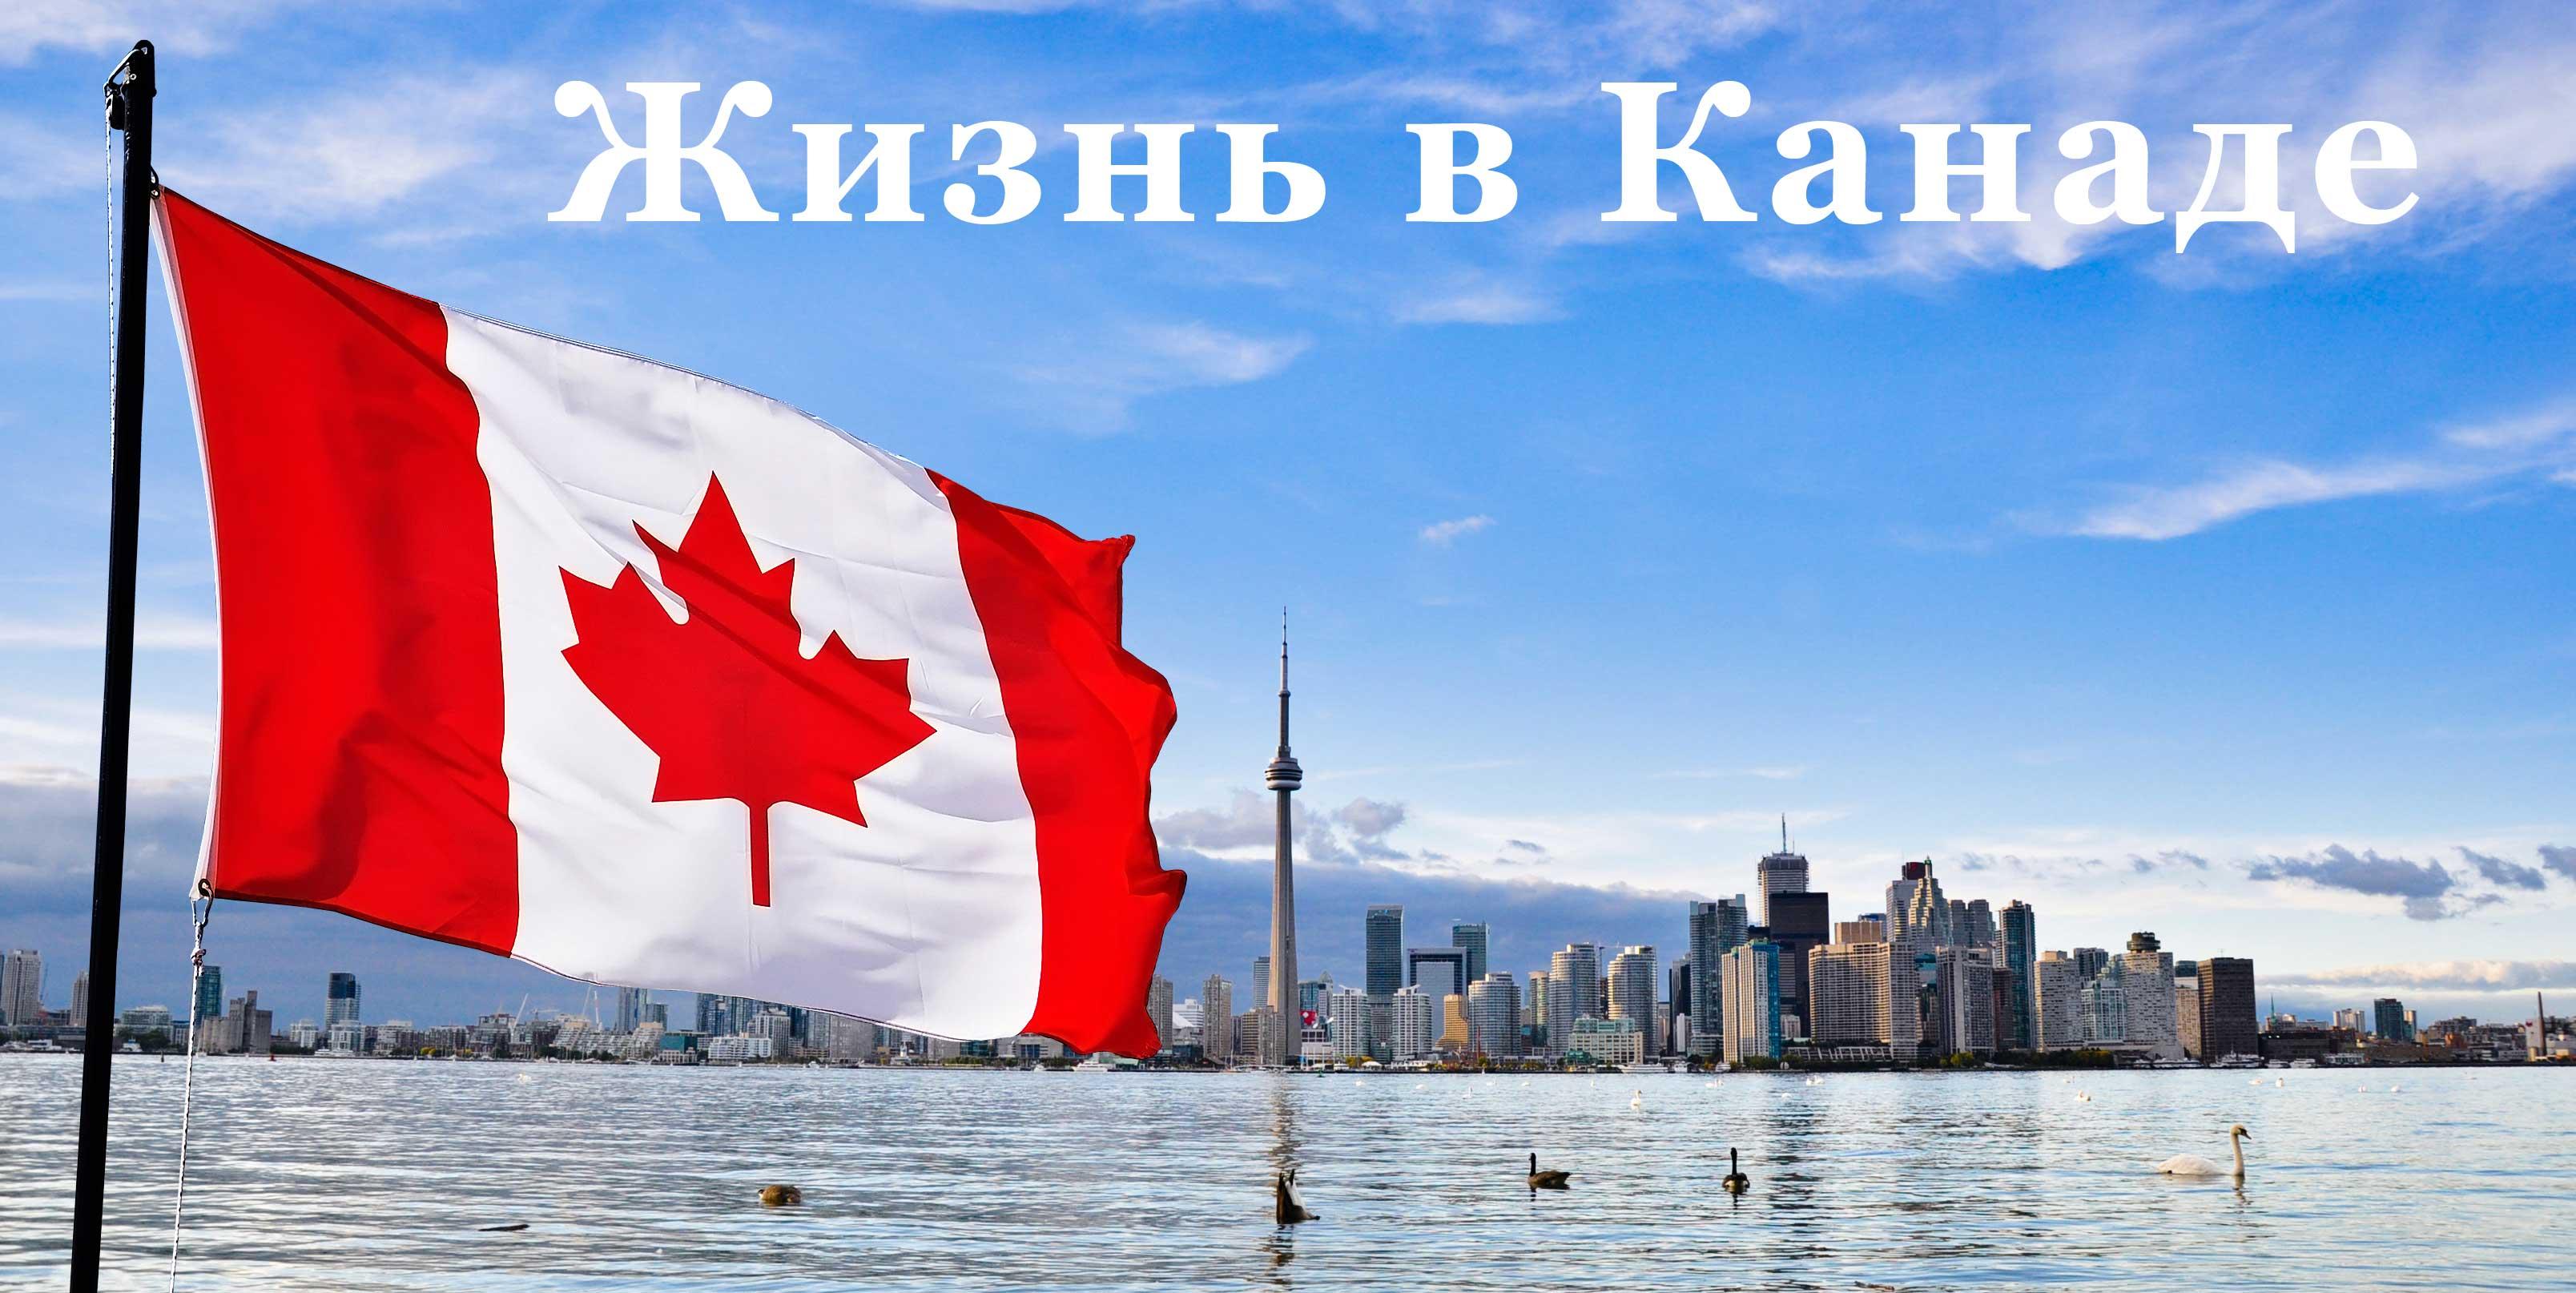 Канада для русских купить дом юрмала